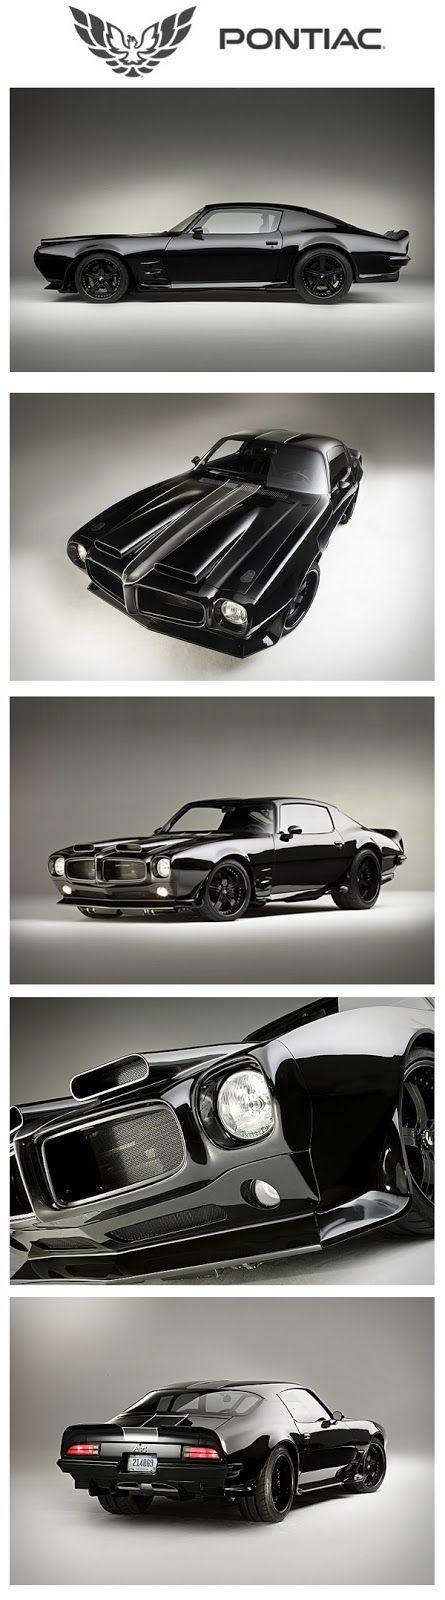 Diario Motocicleta: '70 #Pontiac Firebird - uno de los coches mas impresionantes que he visto This.